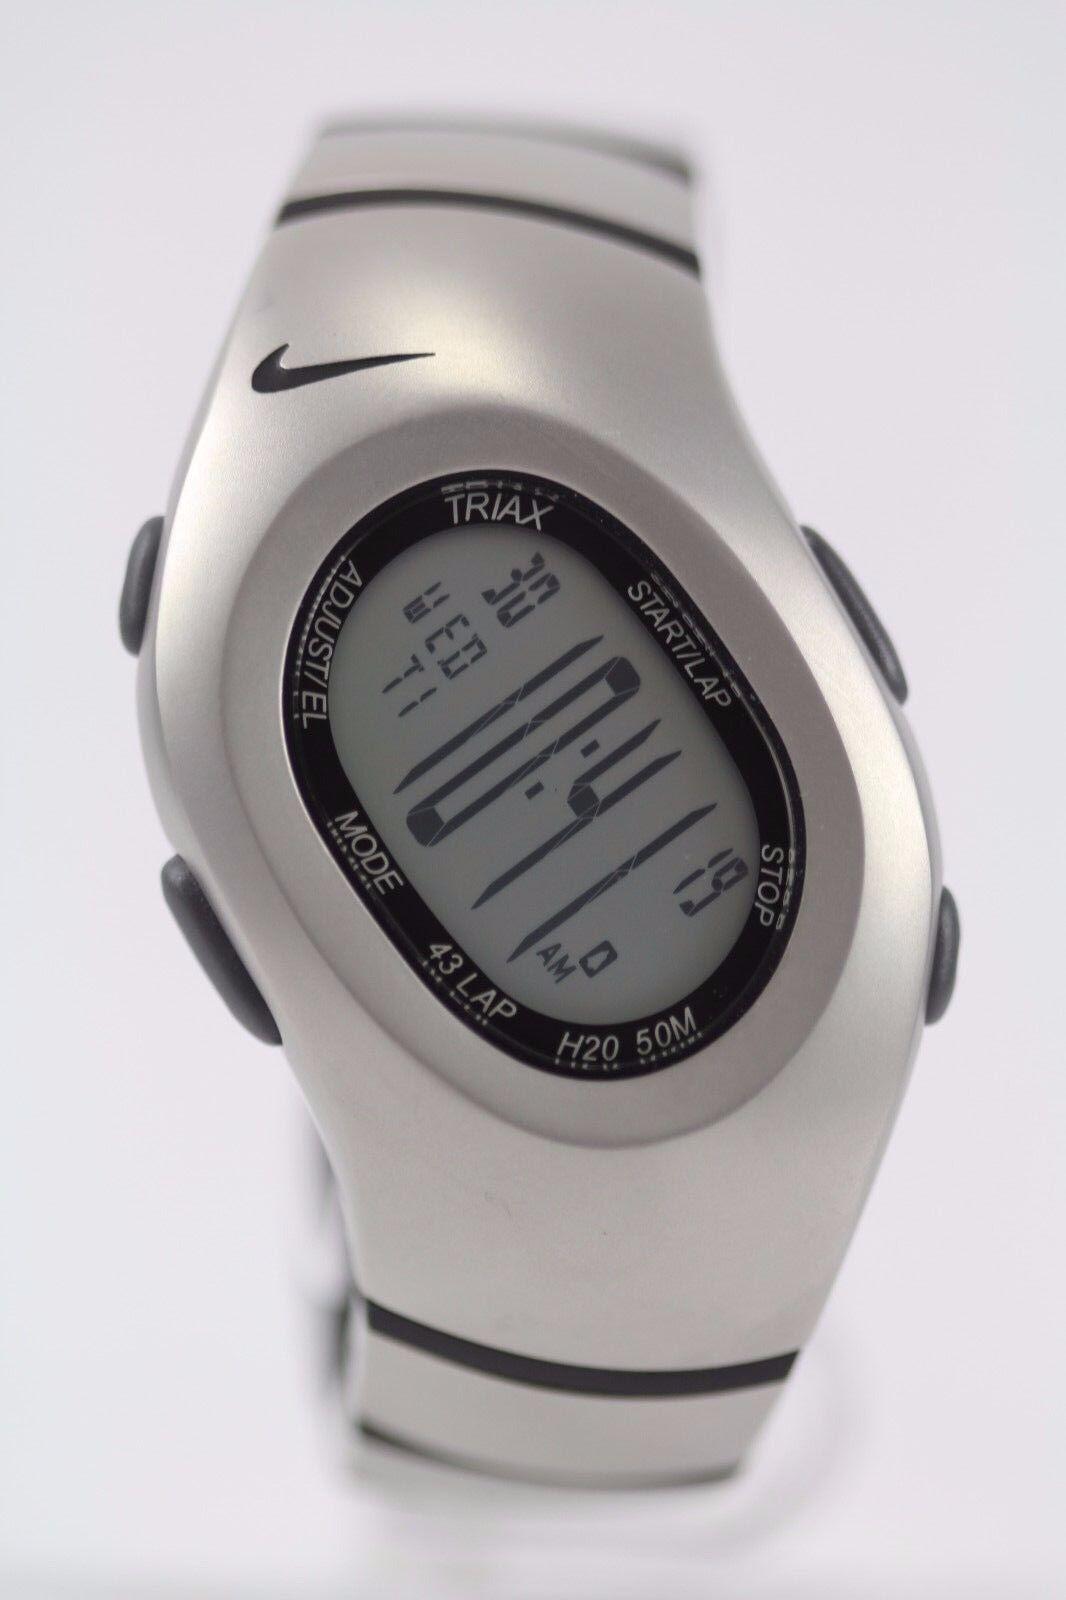 e1e9e158 Nike Triax Street купить на eBay в Америке, лот 312256250961